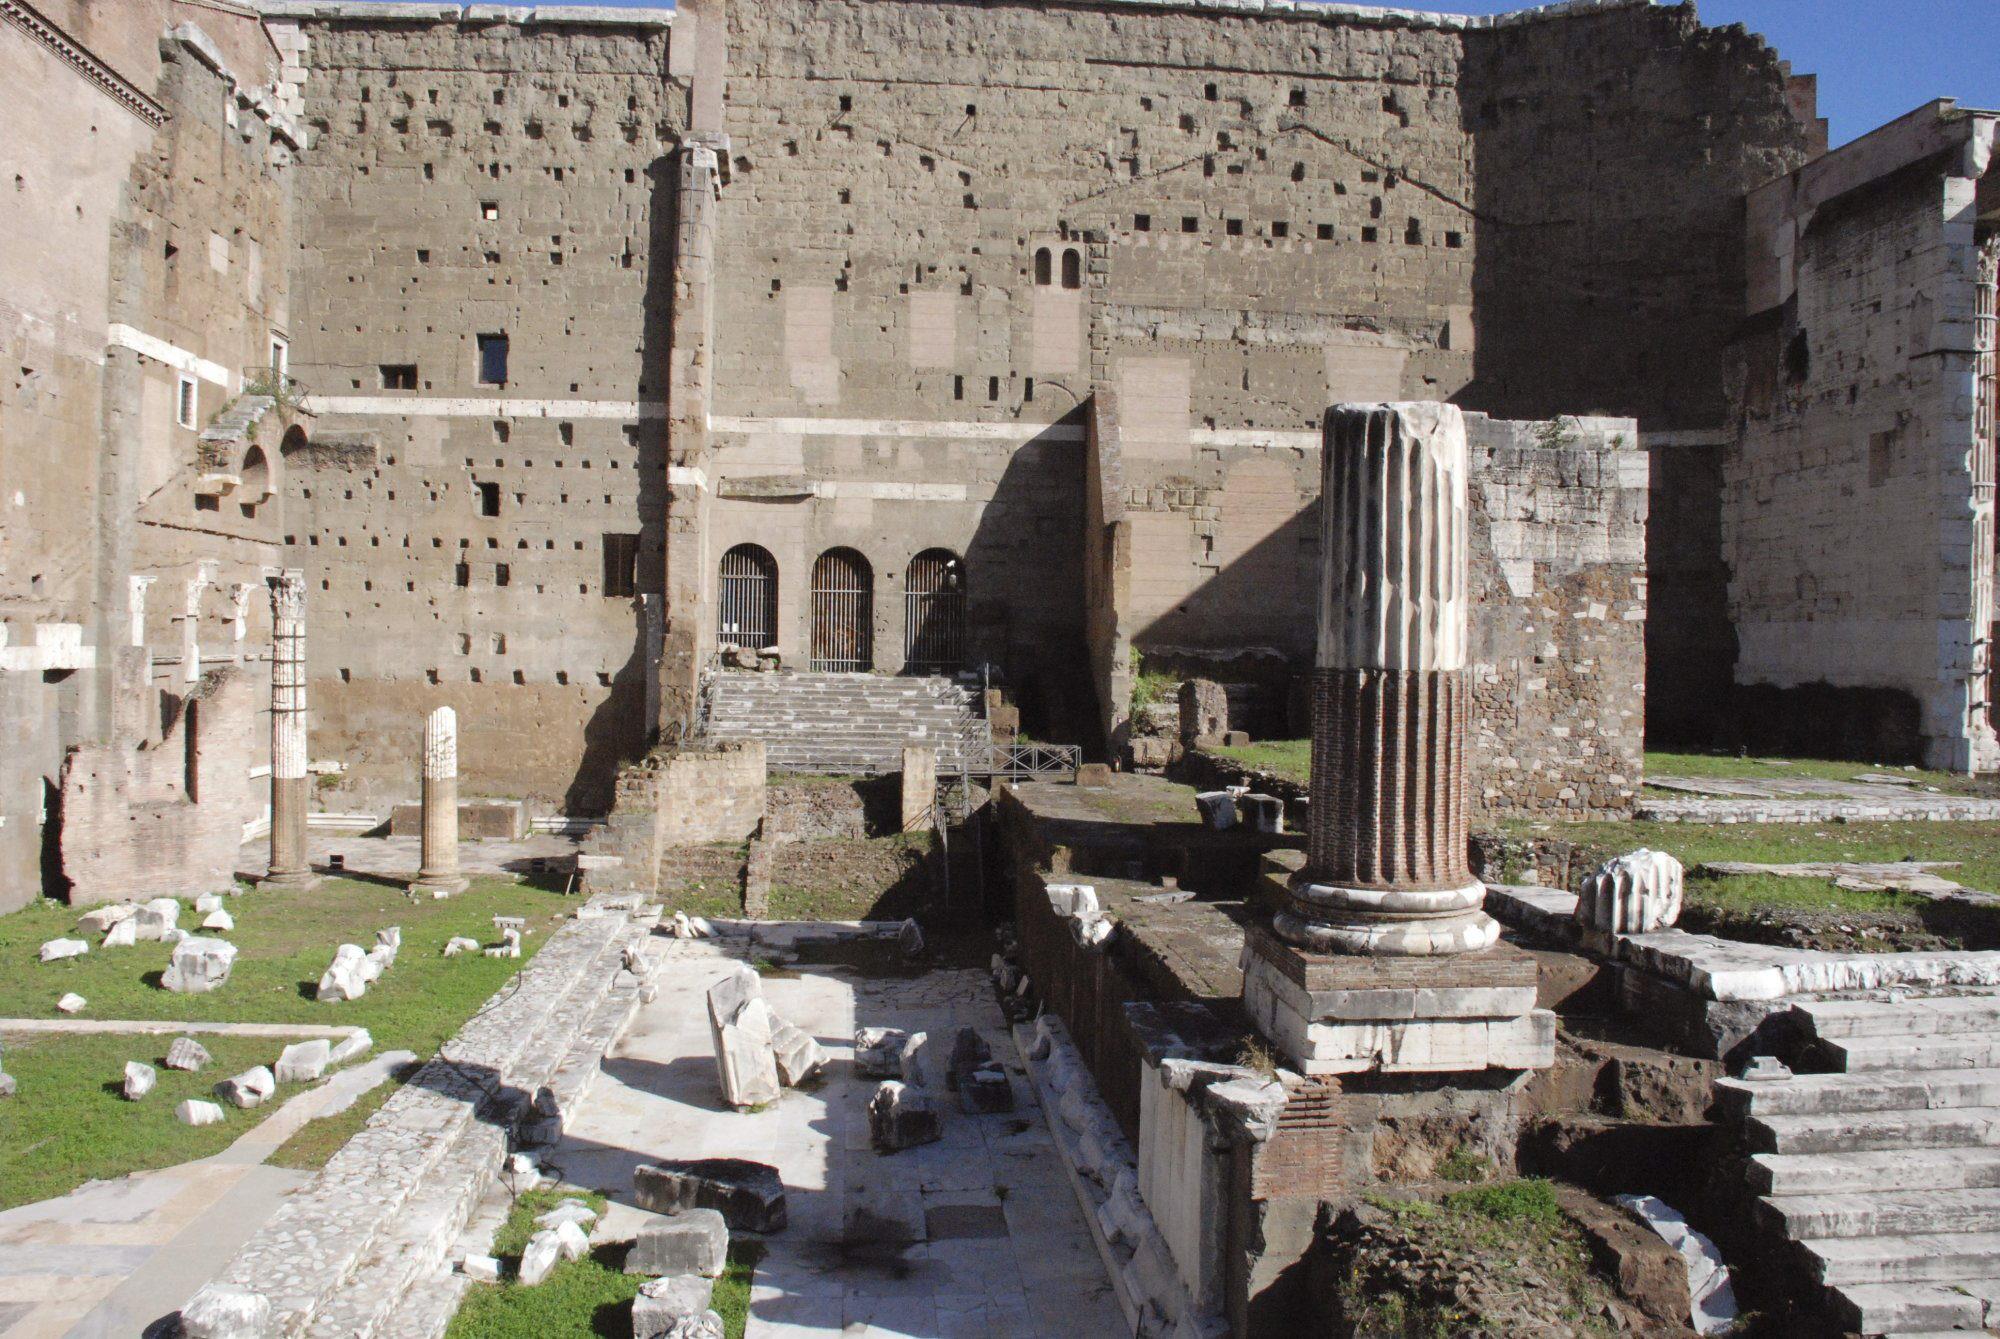 El Foro de Augusto en Roma cobrará vida gracias a la tecnología audiovisual